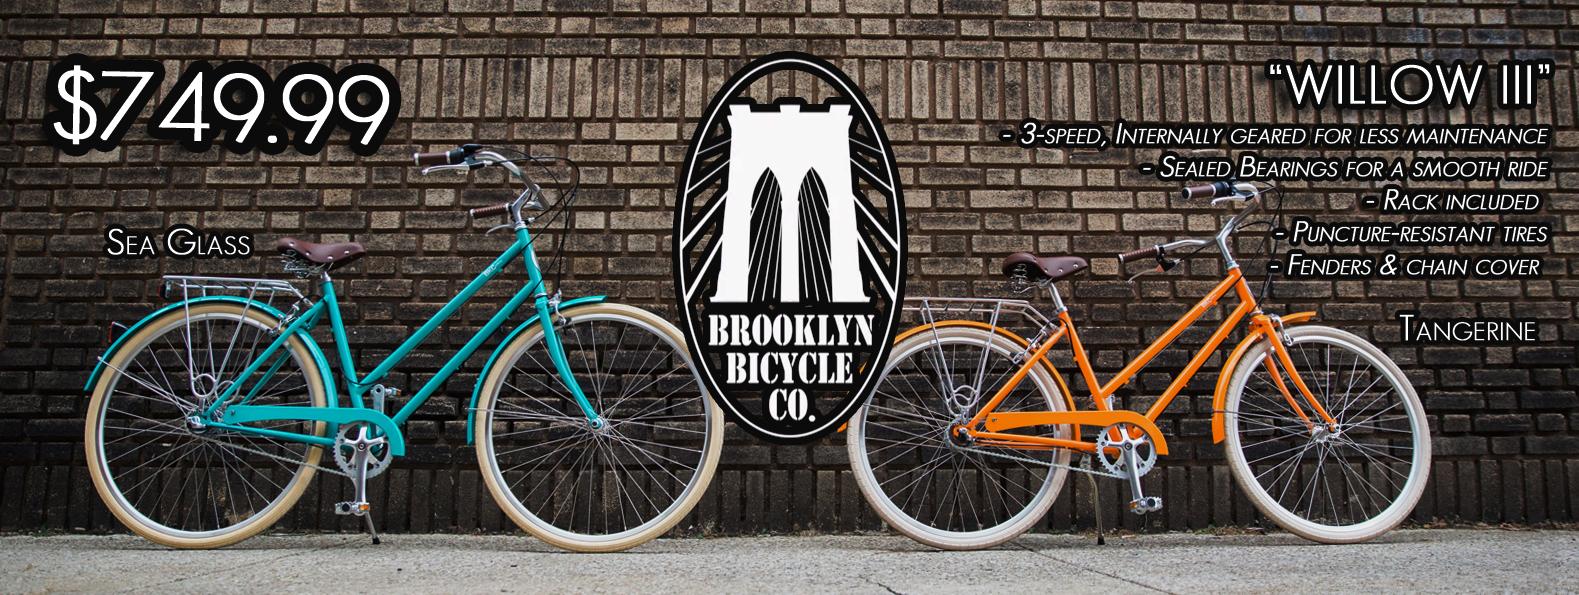 Brooklyn Bicycles Willow III